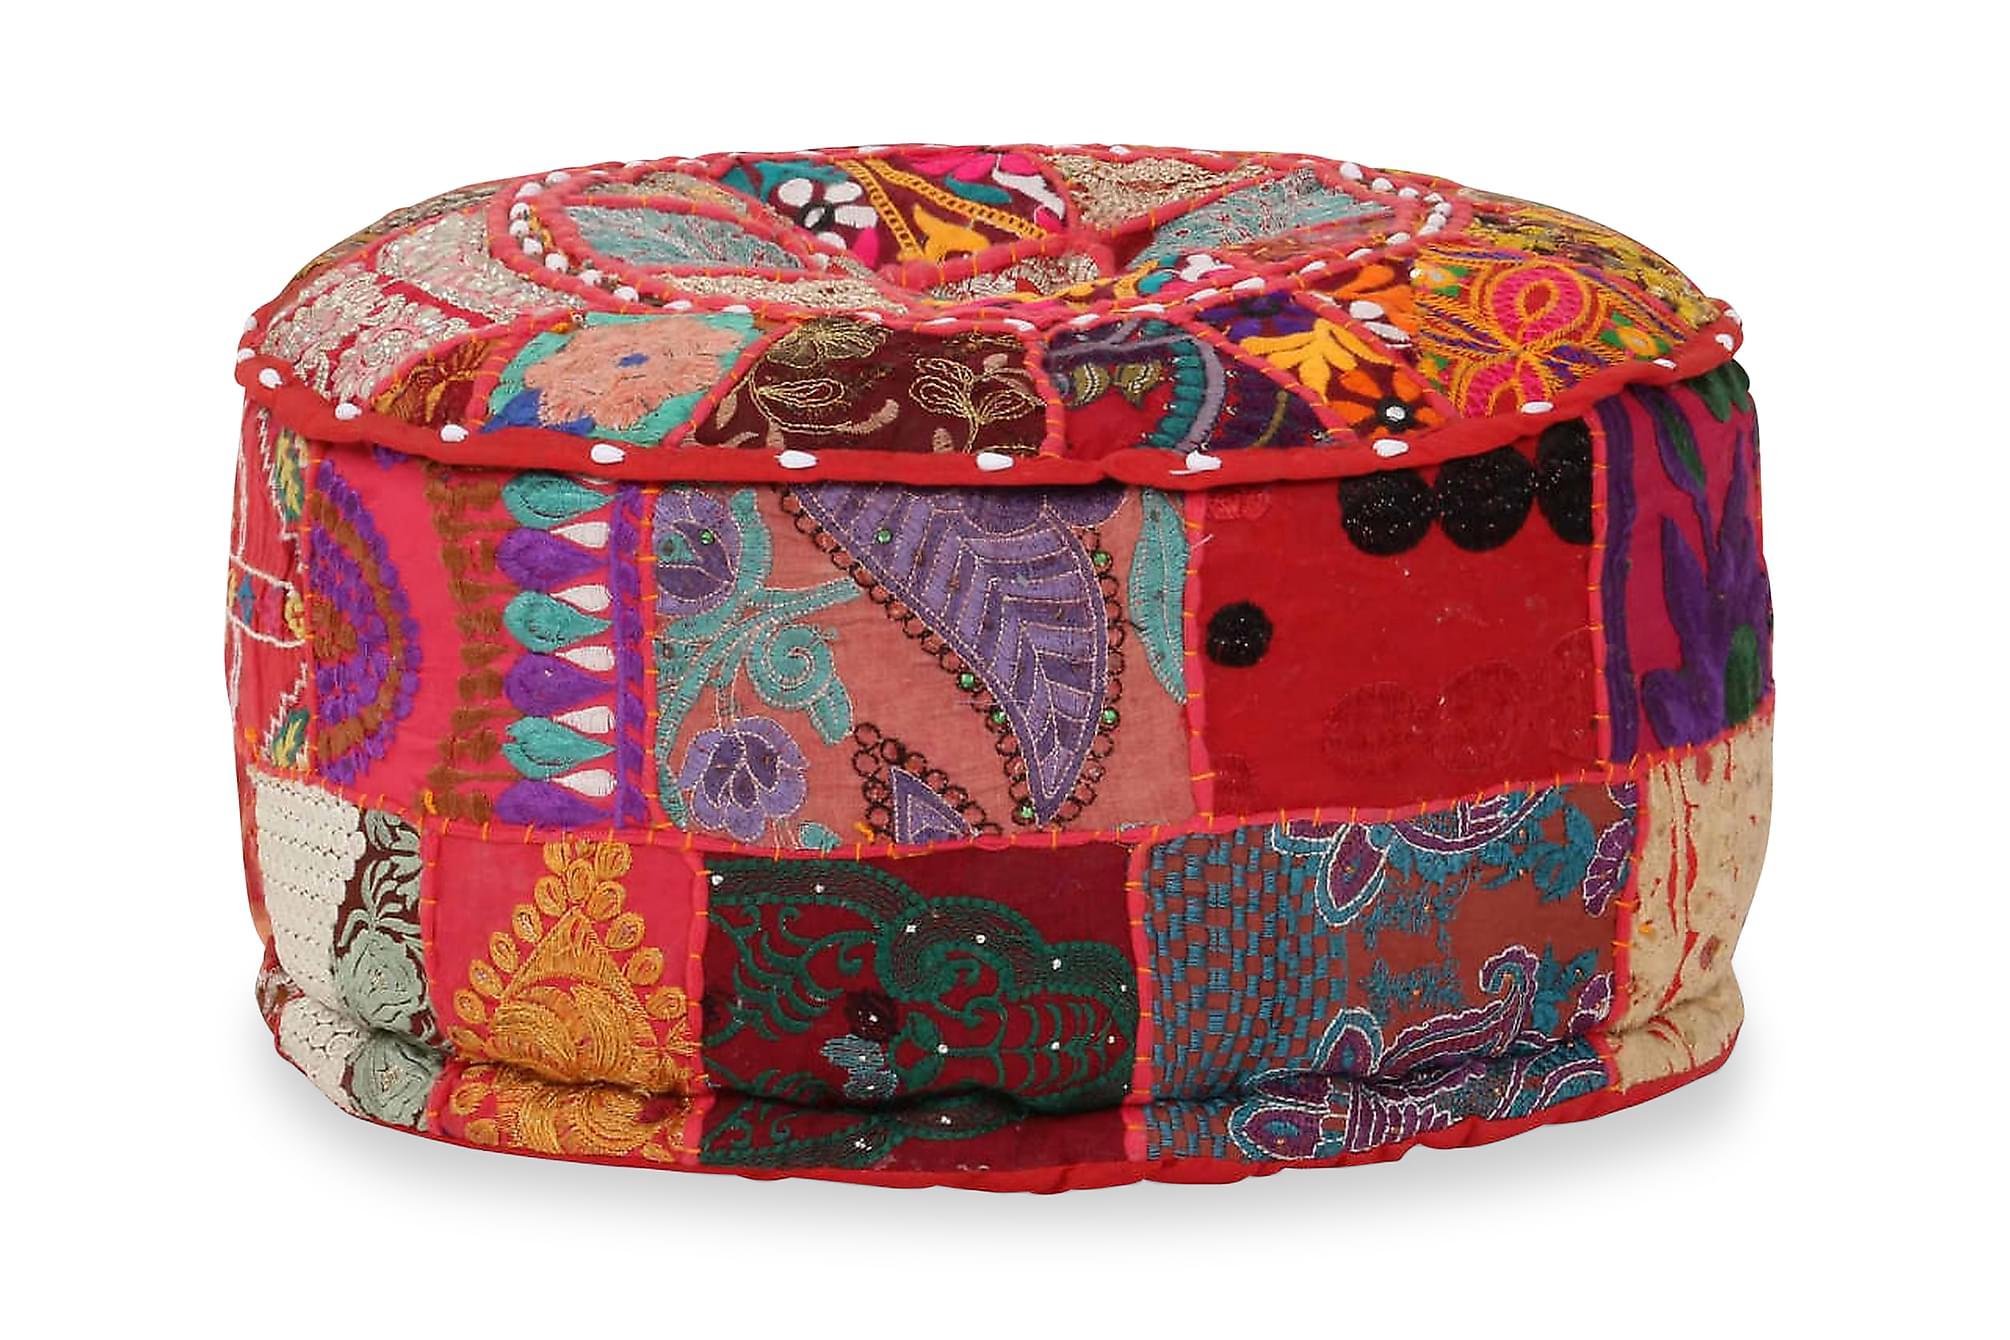 Sittpuff med lappmönster rund bomull handgjord 40×20 cm röd